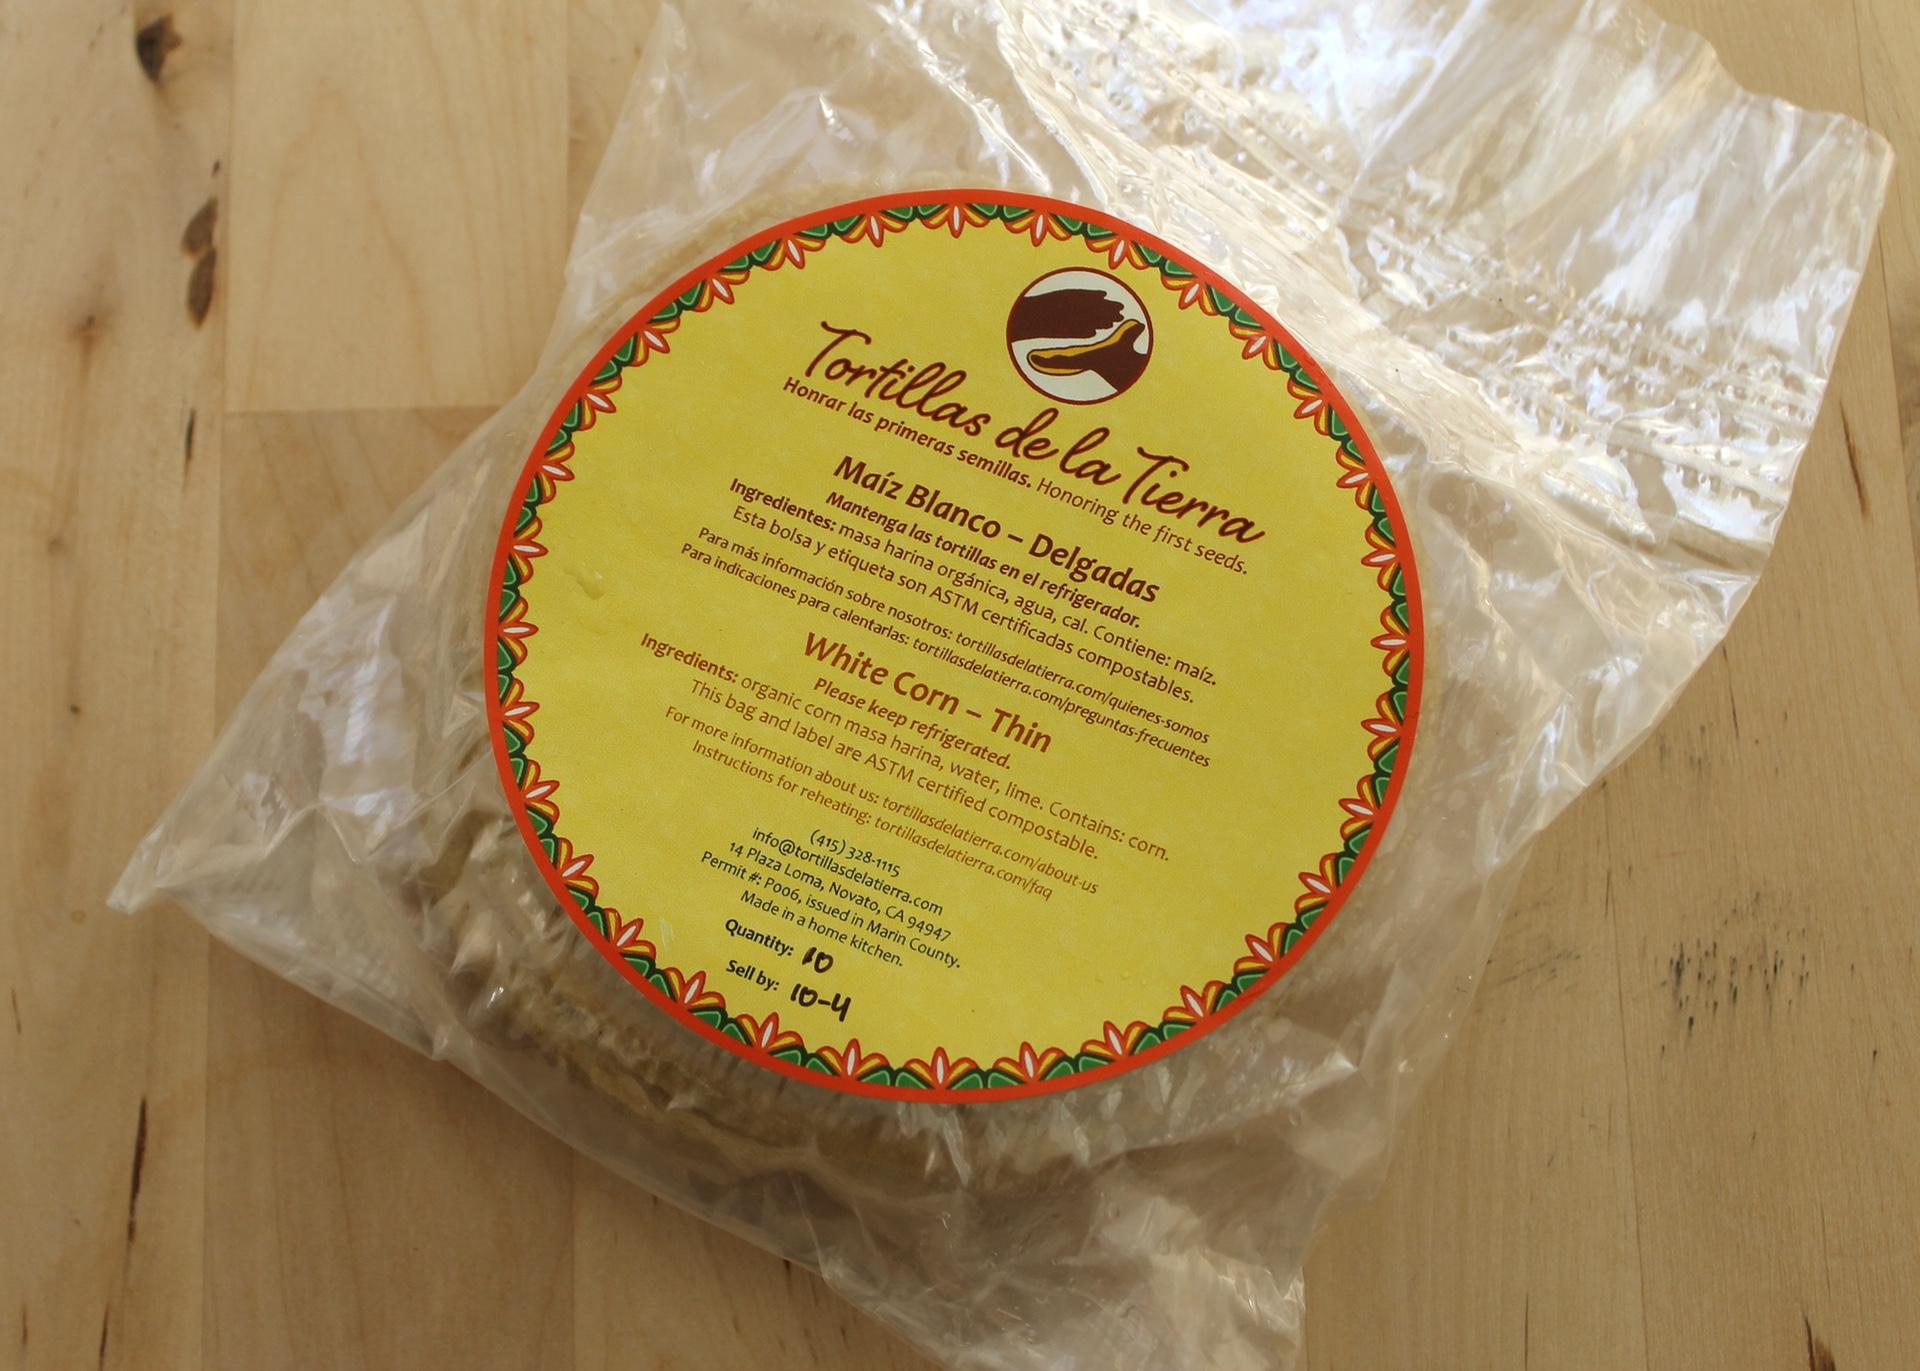 Tortillas de la Tierra tortillas.